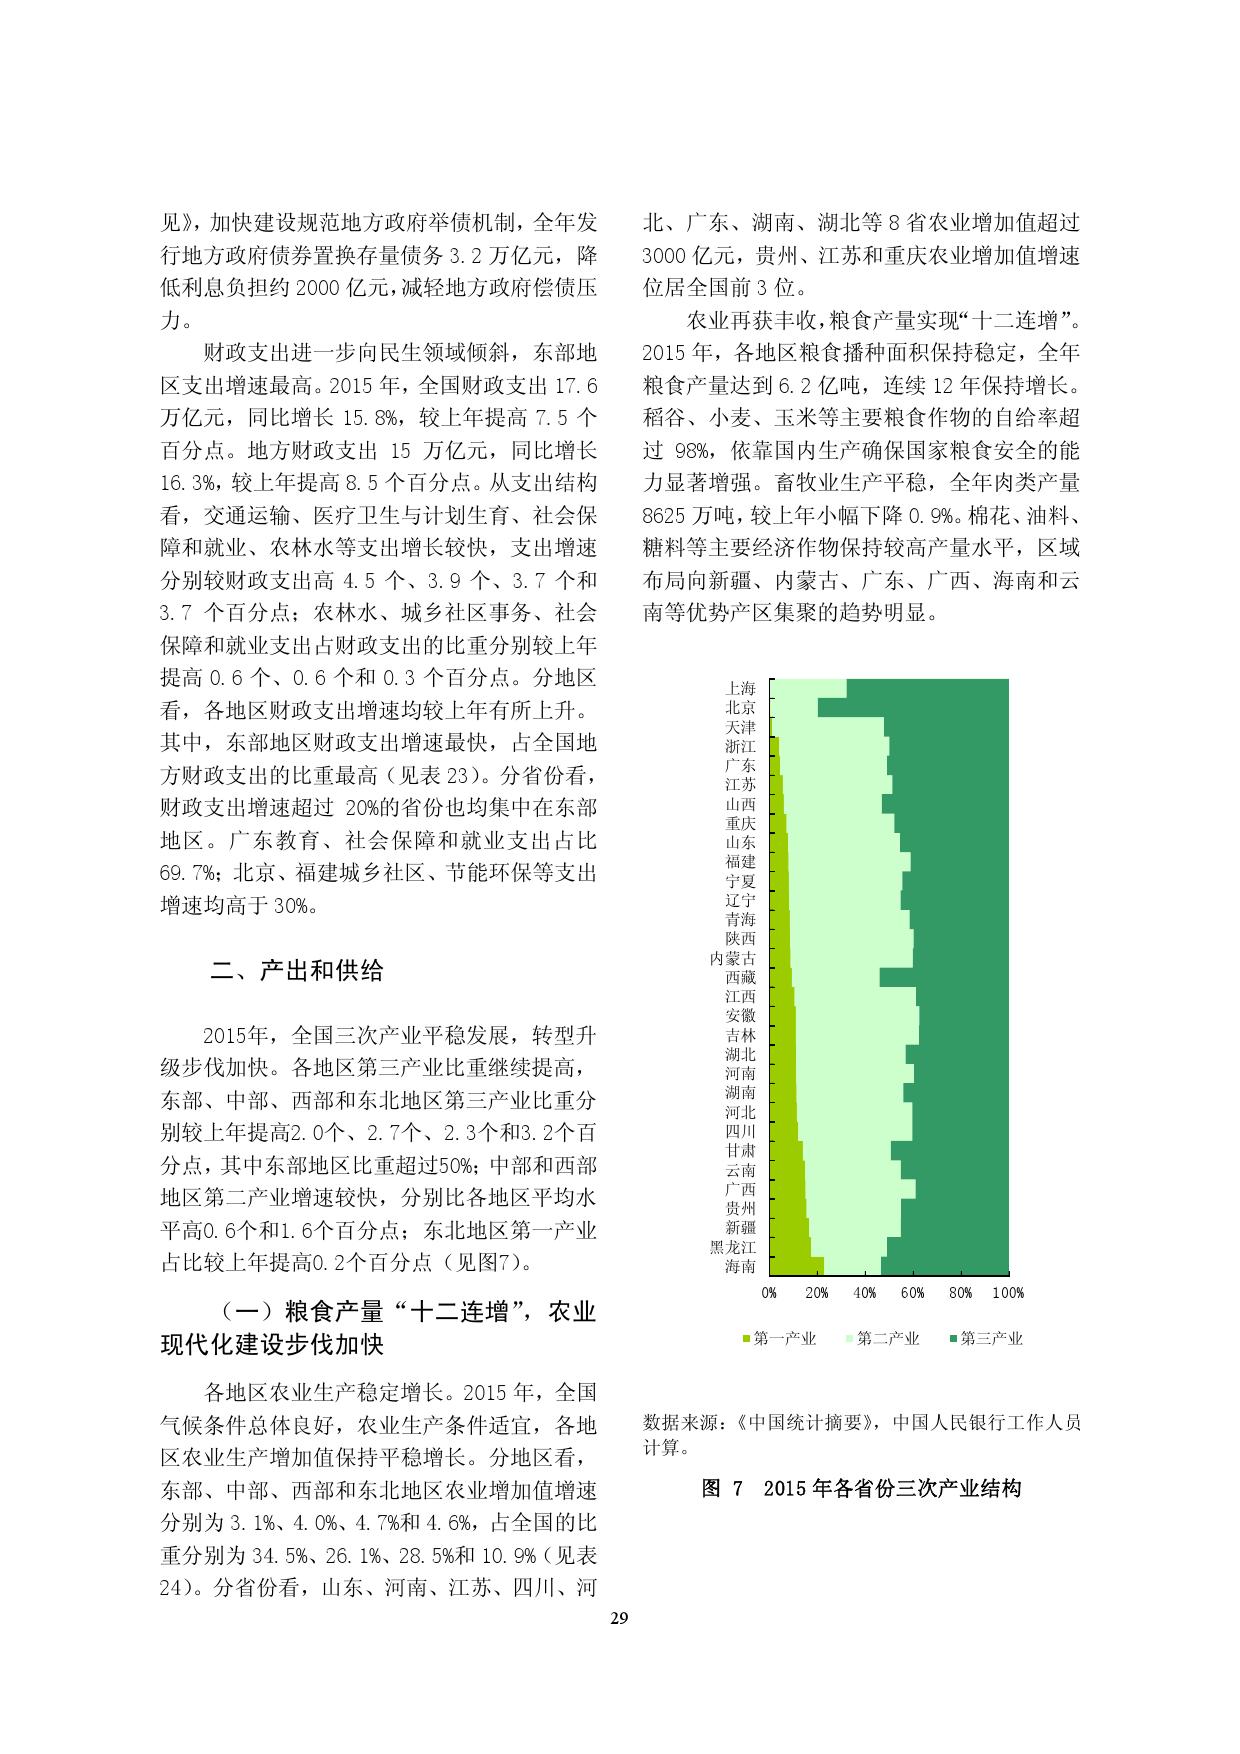 2015年中国区域金融运行报告_000032